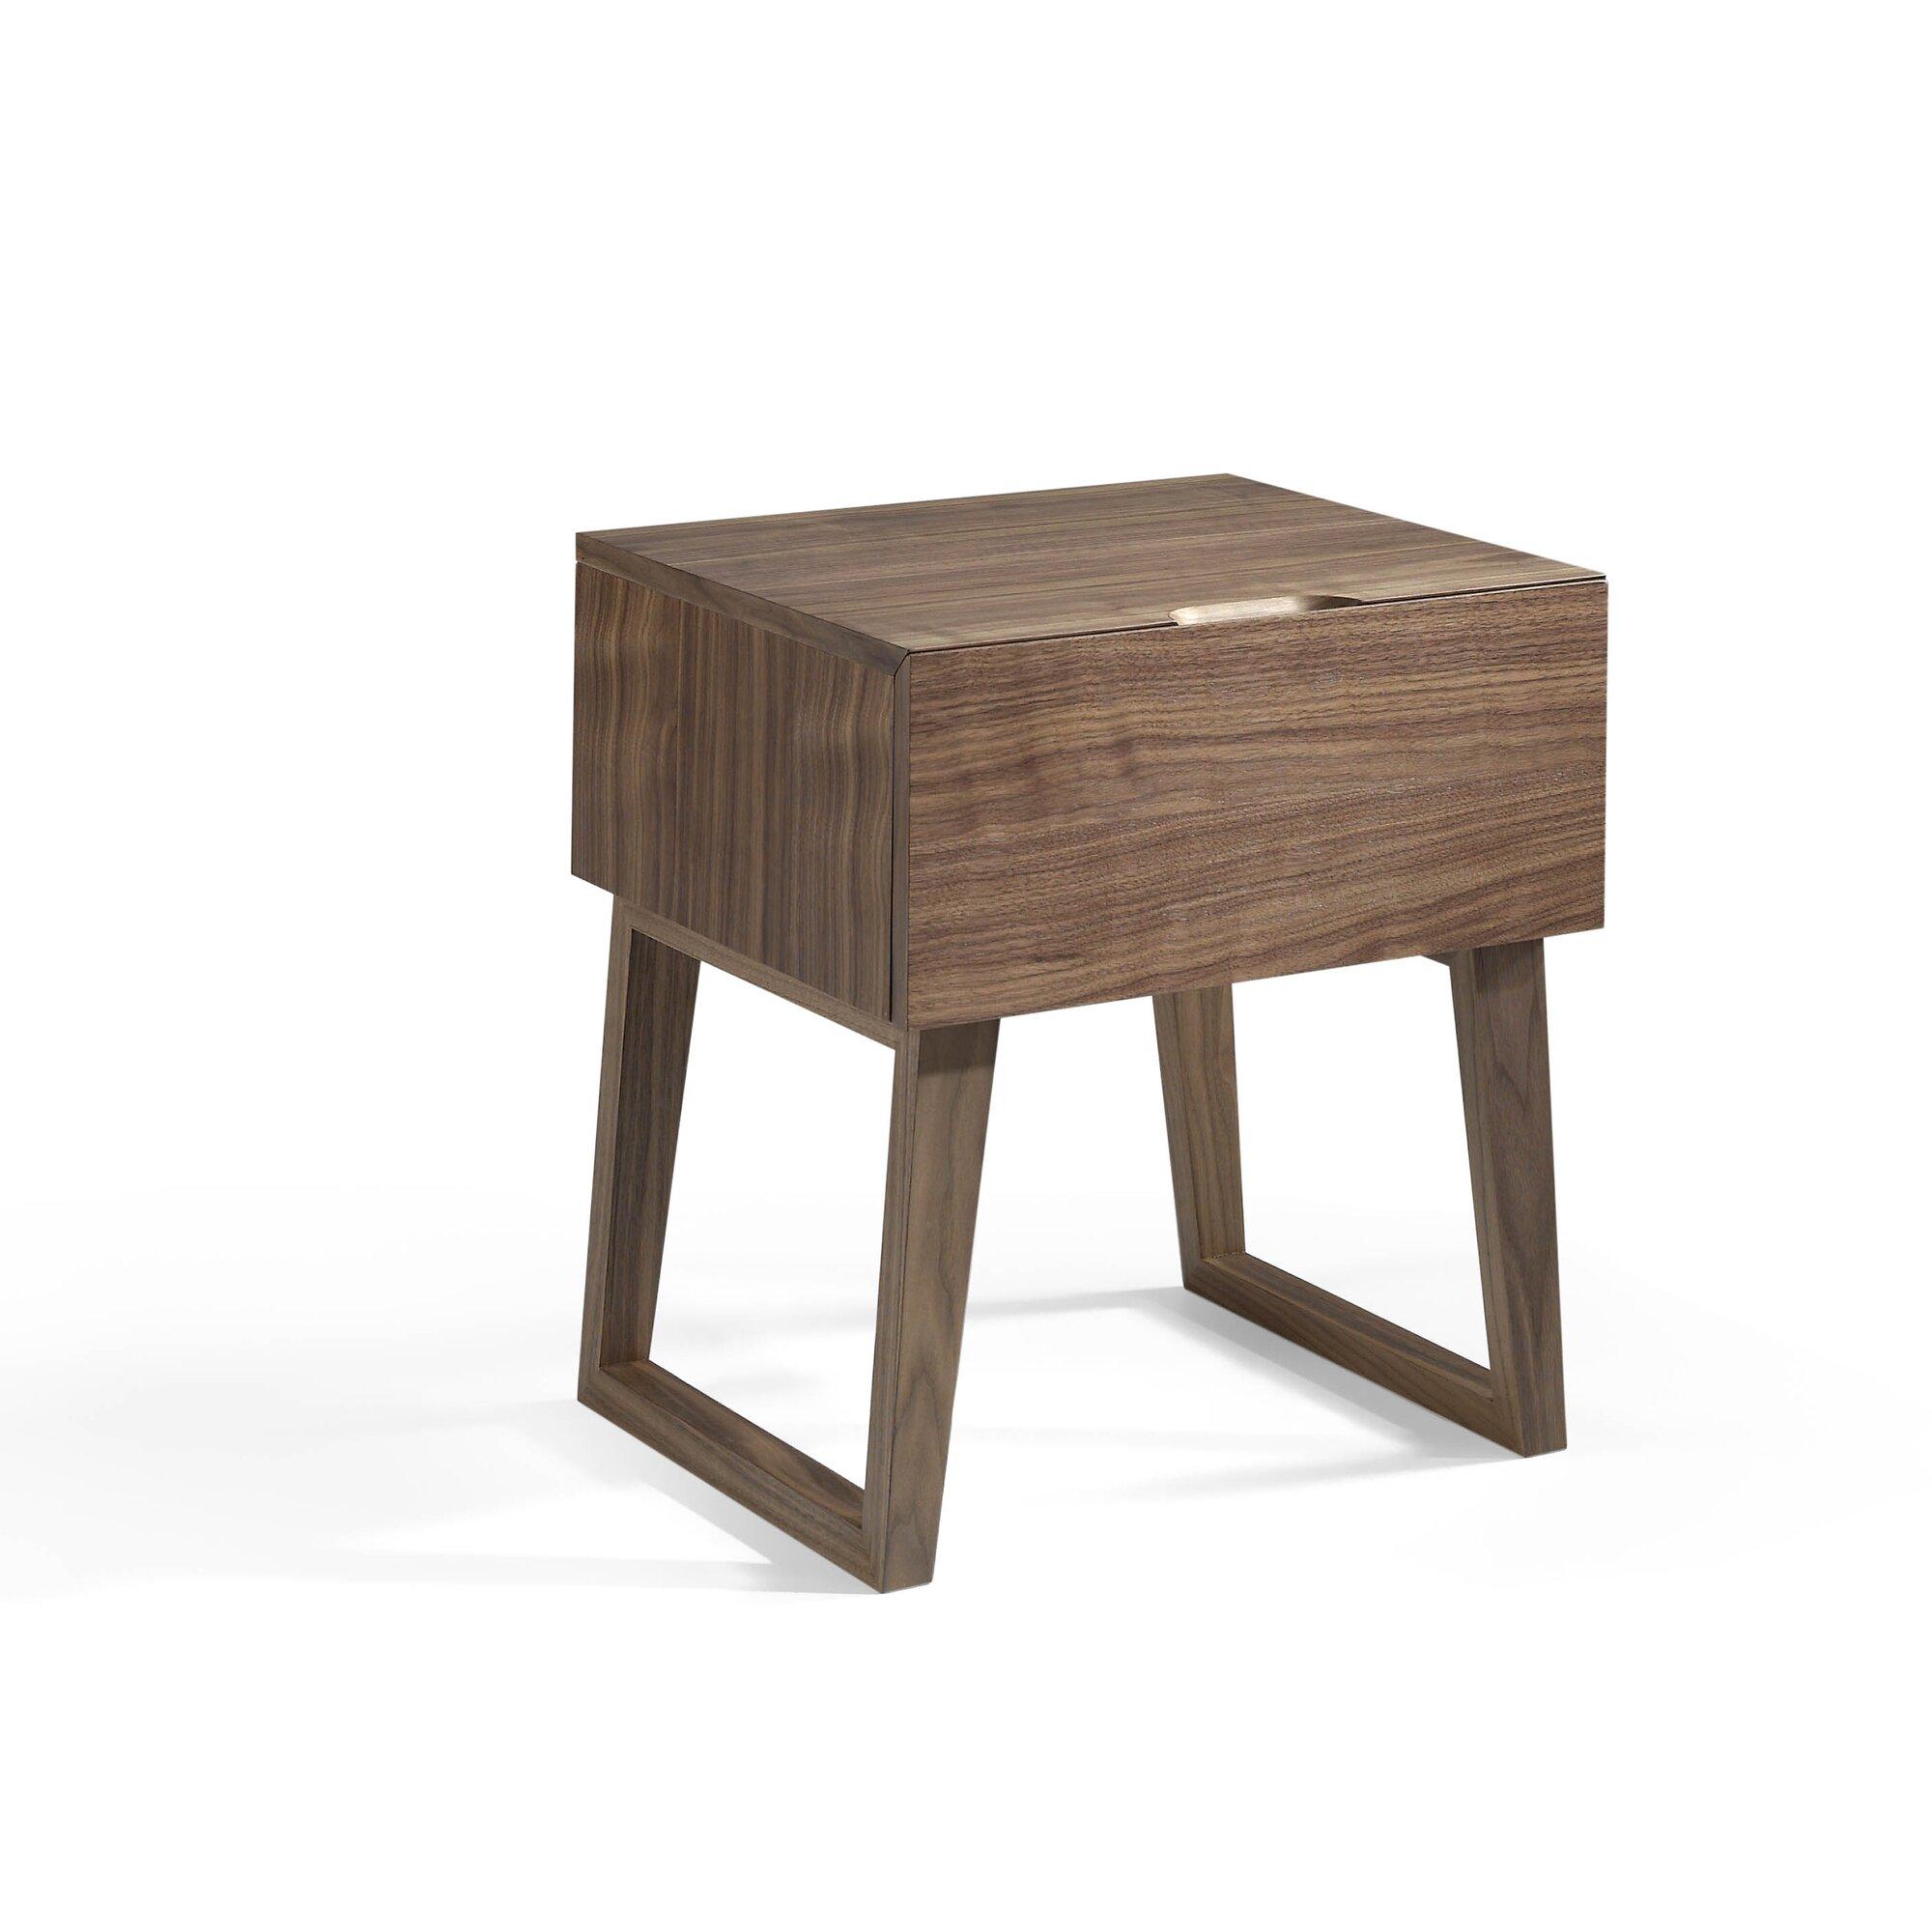 angel cerda nachttisch mit 1 schublade. Black Bedroom Furniture Sets. Home Design Ideas